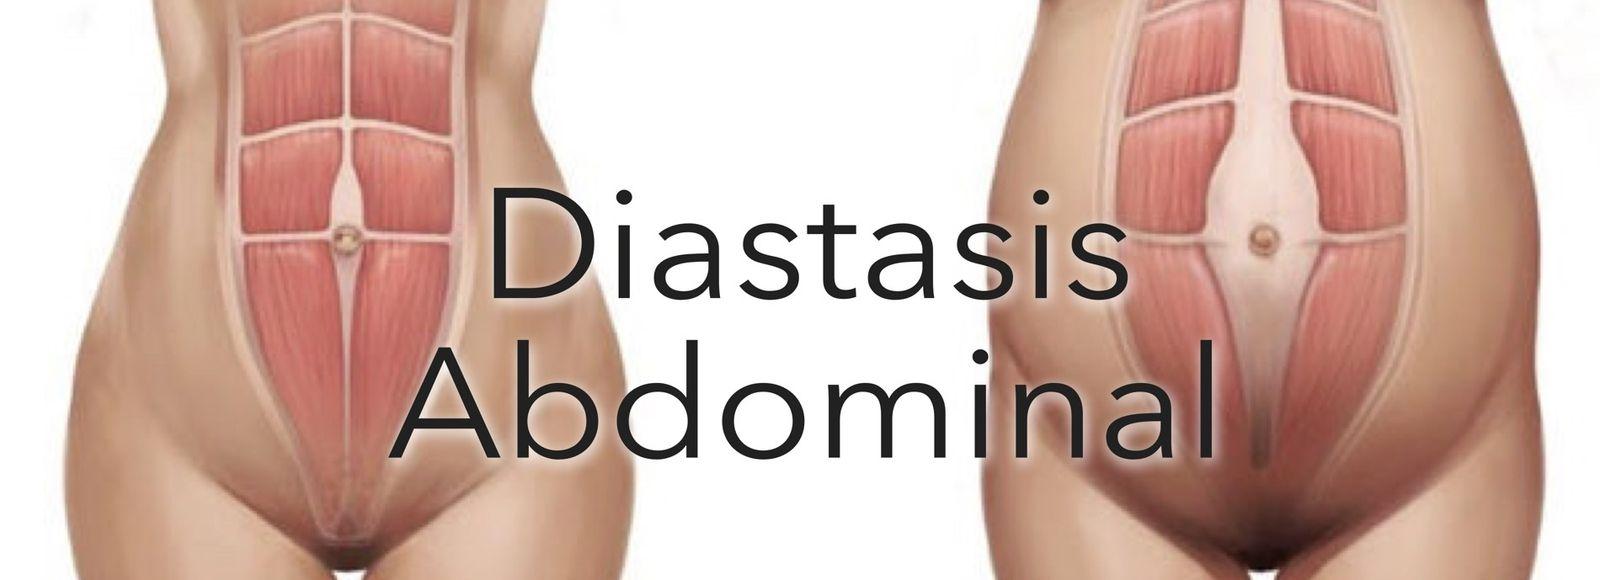 Diástasis abdominal después del embarazo.